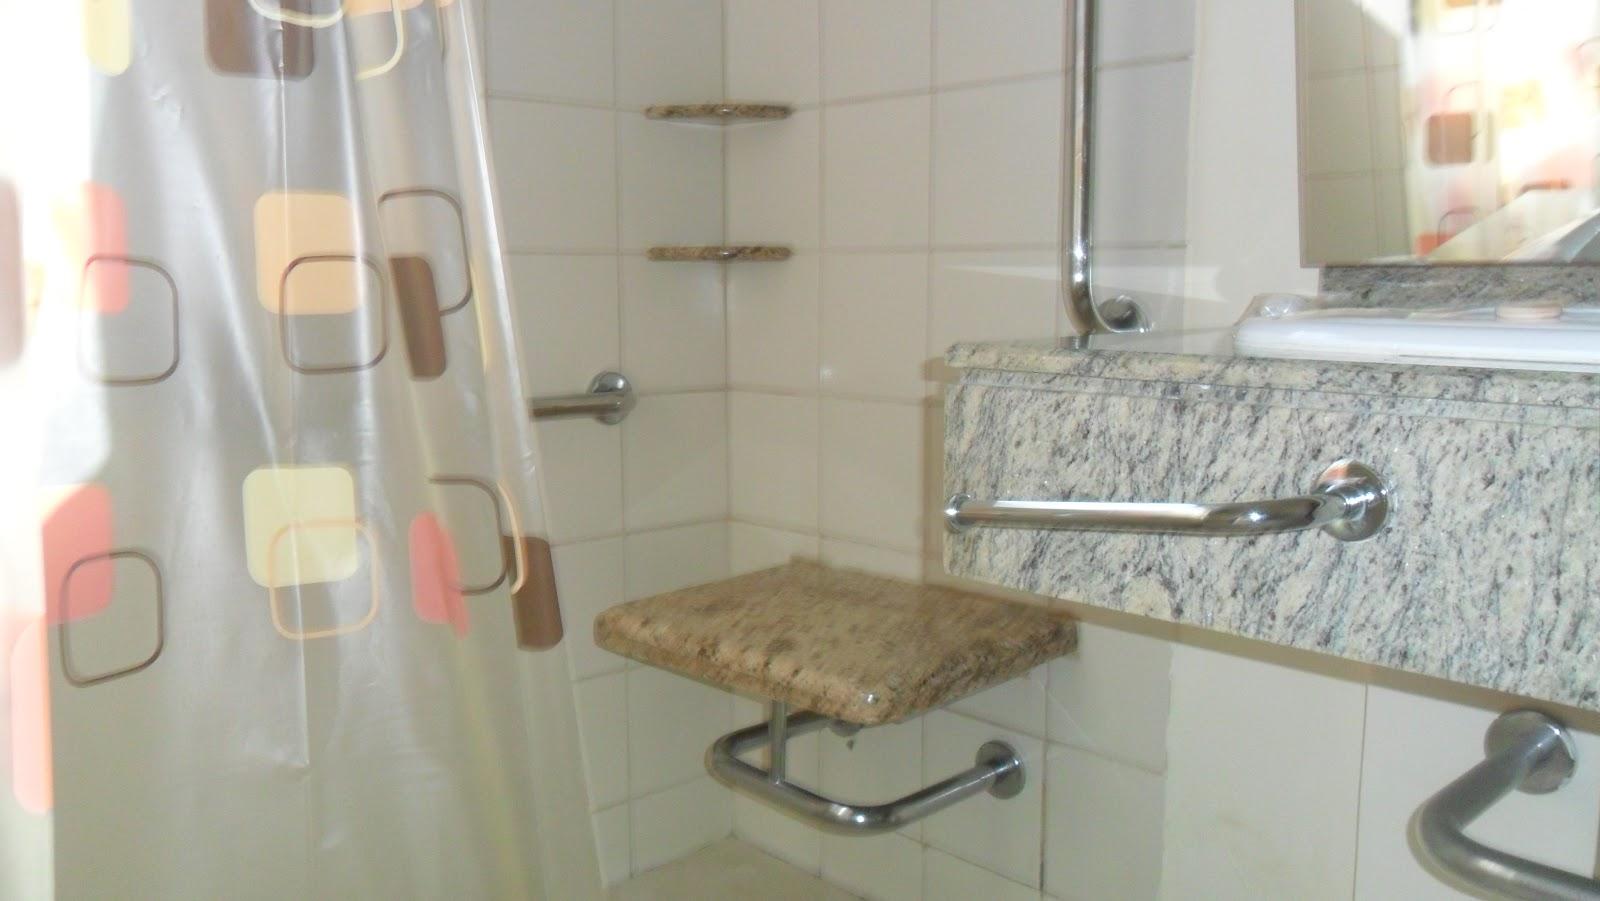 BLOG DAS PESSOAS COM DEFICIÊNCIA: SÉRIE BANHEIRO ACESSÍVEL ? 1# #5E513D 1600x901 Banheiro Acessivel Com Pia